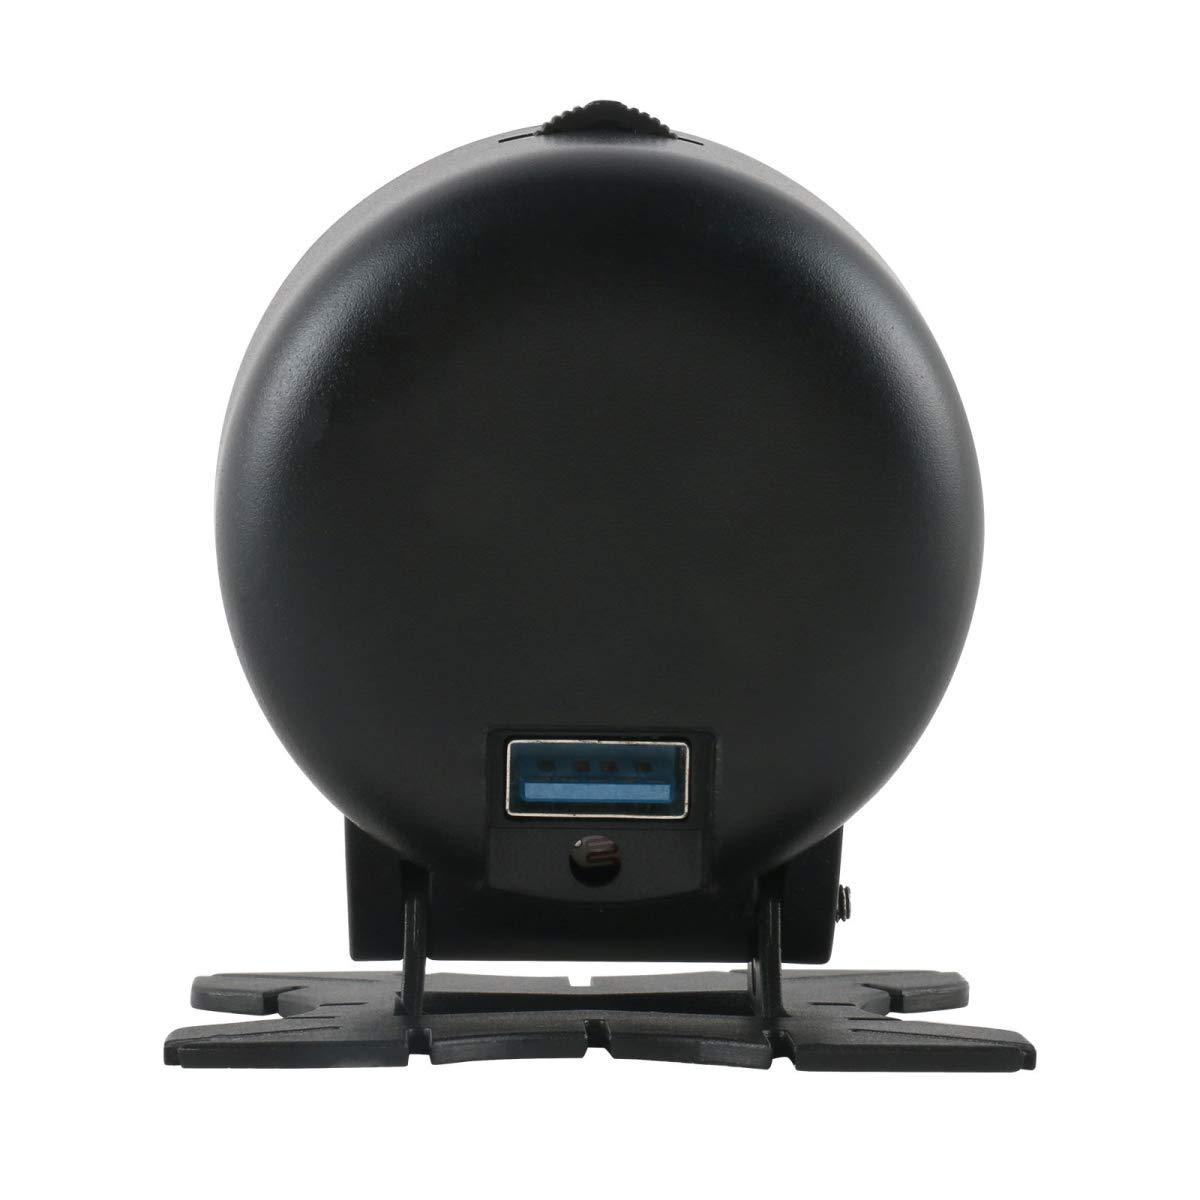 AUTOOL X60 Auto HUD Display testa a testa per auto Avviso velocit/à eccessiva Lettore // pulitore codice problemi temperatura acqua // olio Tachimetro digitale OBD2 per velocit/à veicolo MPH KM // h